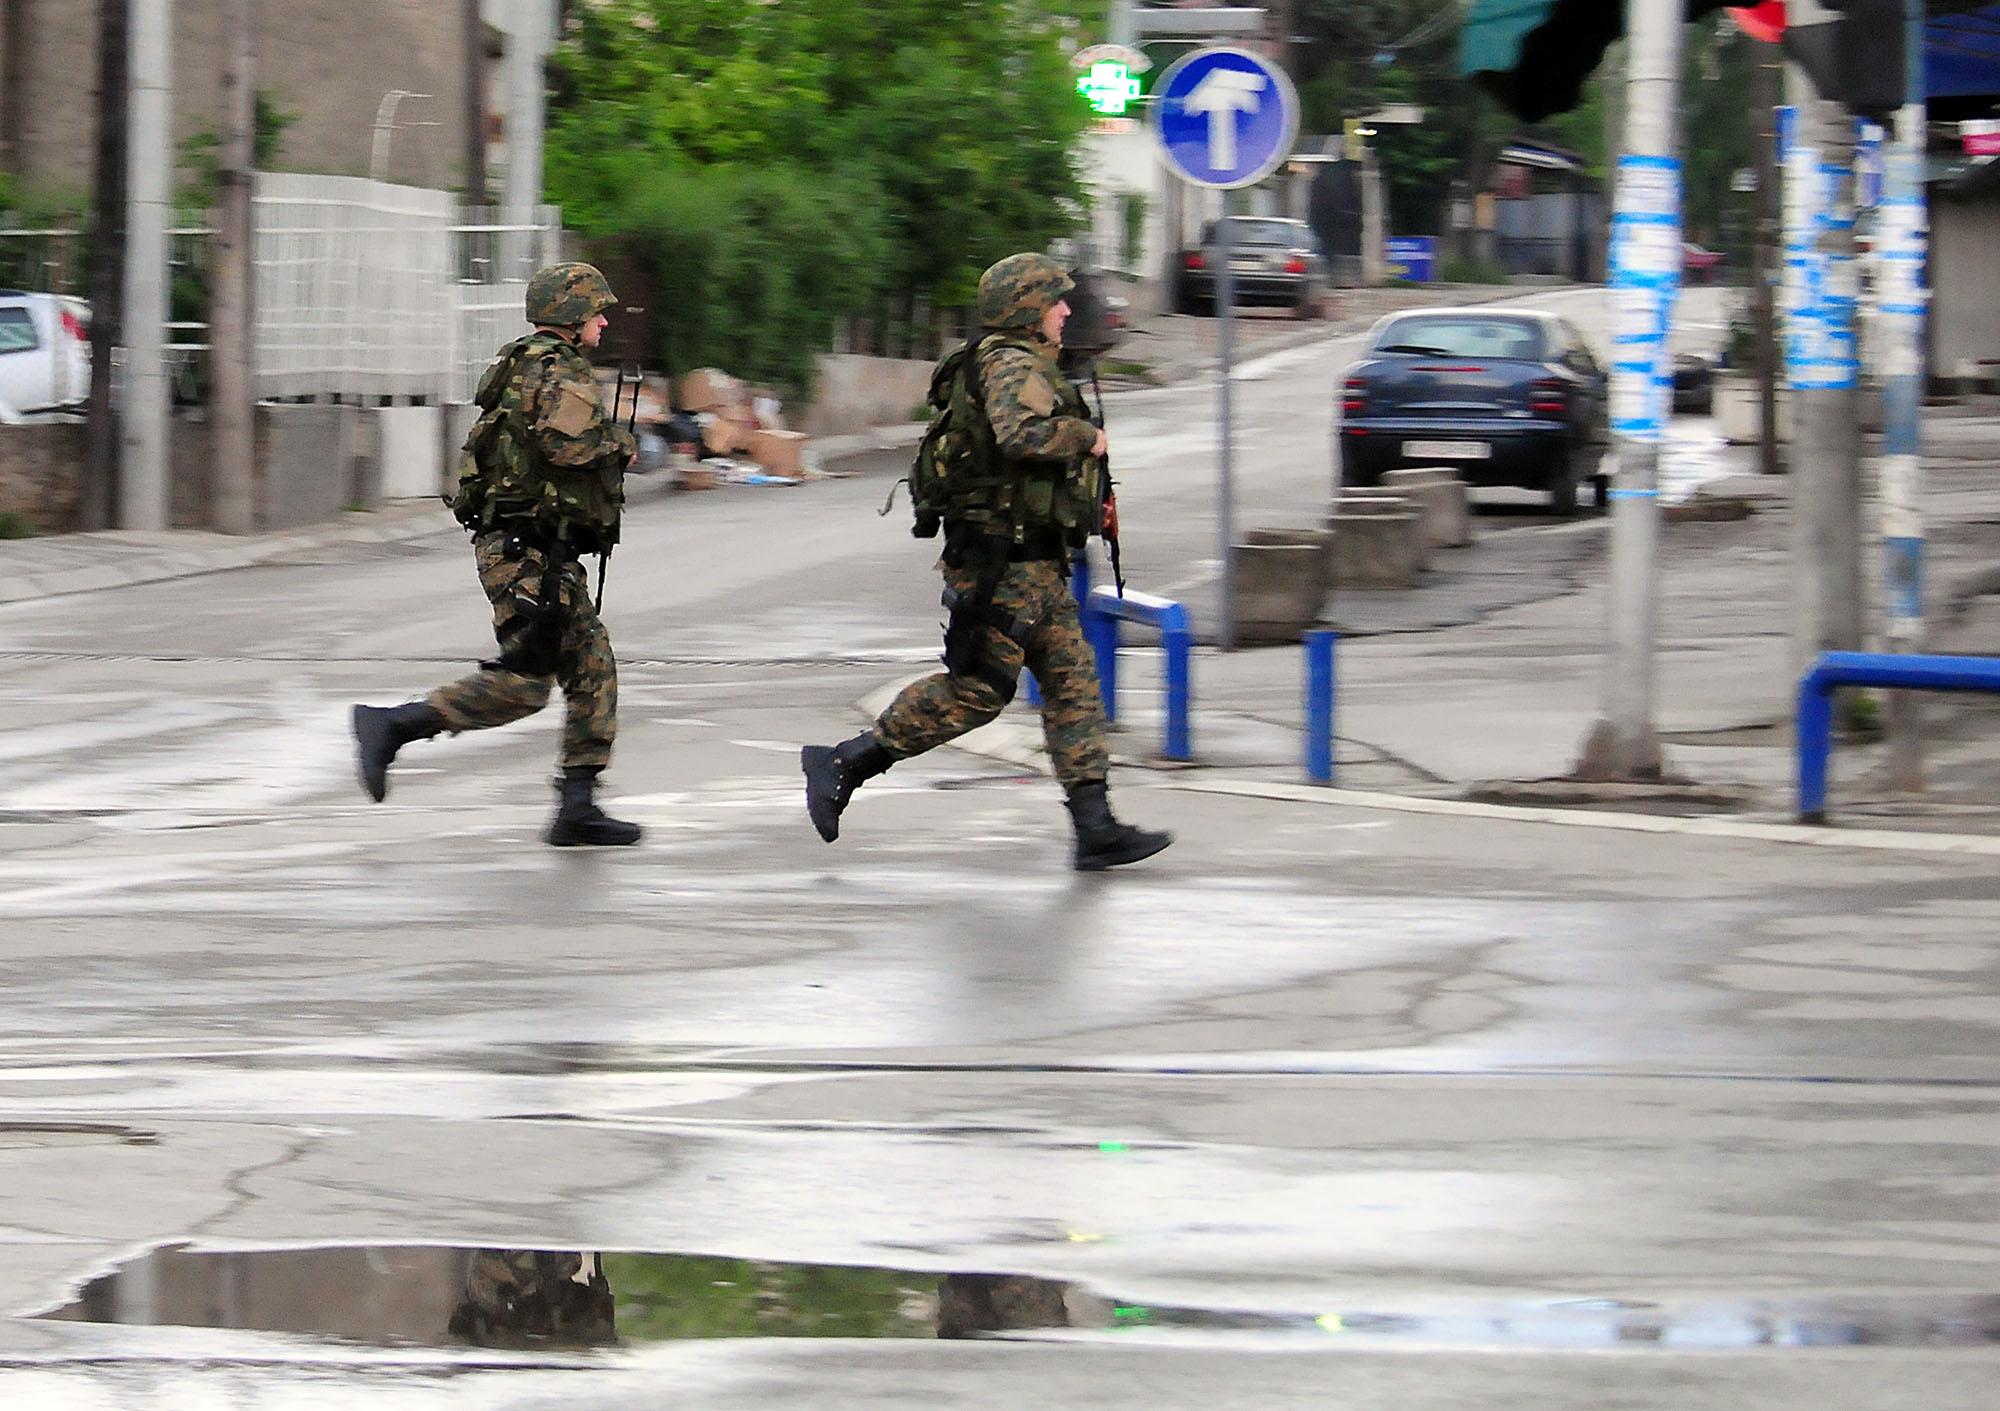 Уште двајца полицајци загинаа во судирите во Куманово: Бројката се искачи на осум